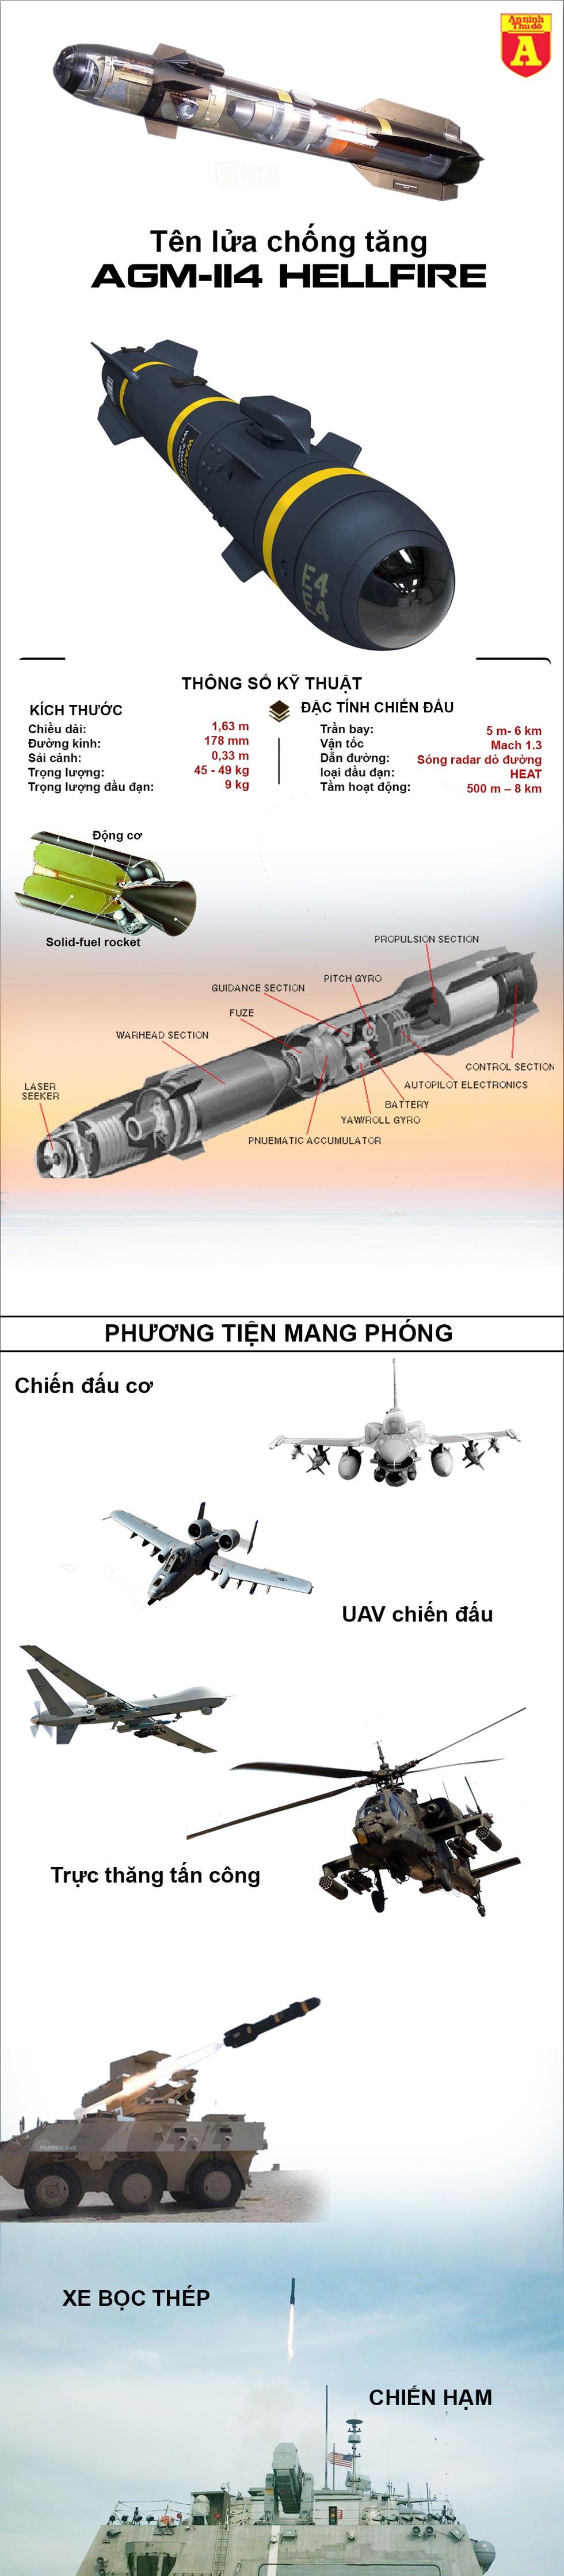 """[Infographics] Chiến đấu cơ Mỹ vừa đánh rơi tên lửa """"hỏa ngục"""" xuống Nhật Bản - Ảnh 1"""